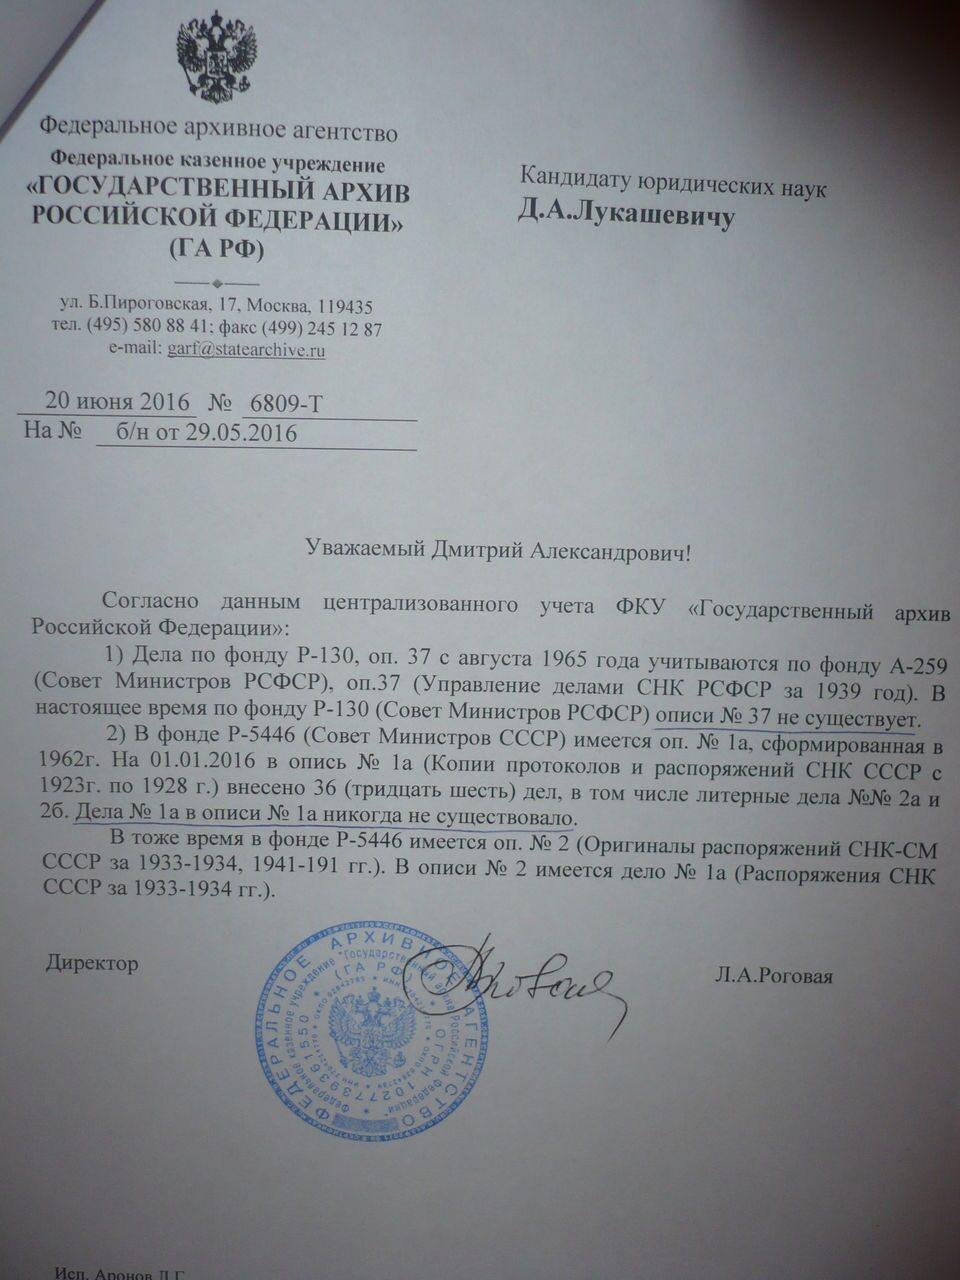 Отзыв на автореферат докторской диссертации Максимовой О Д  Ответ ГАРФ